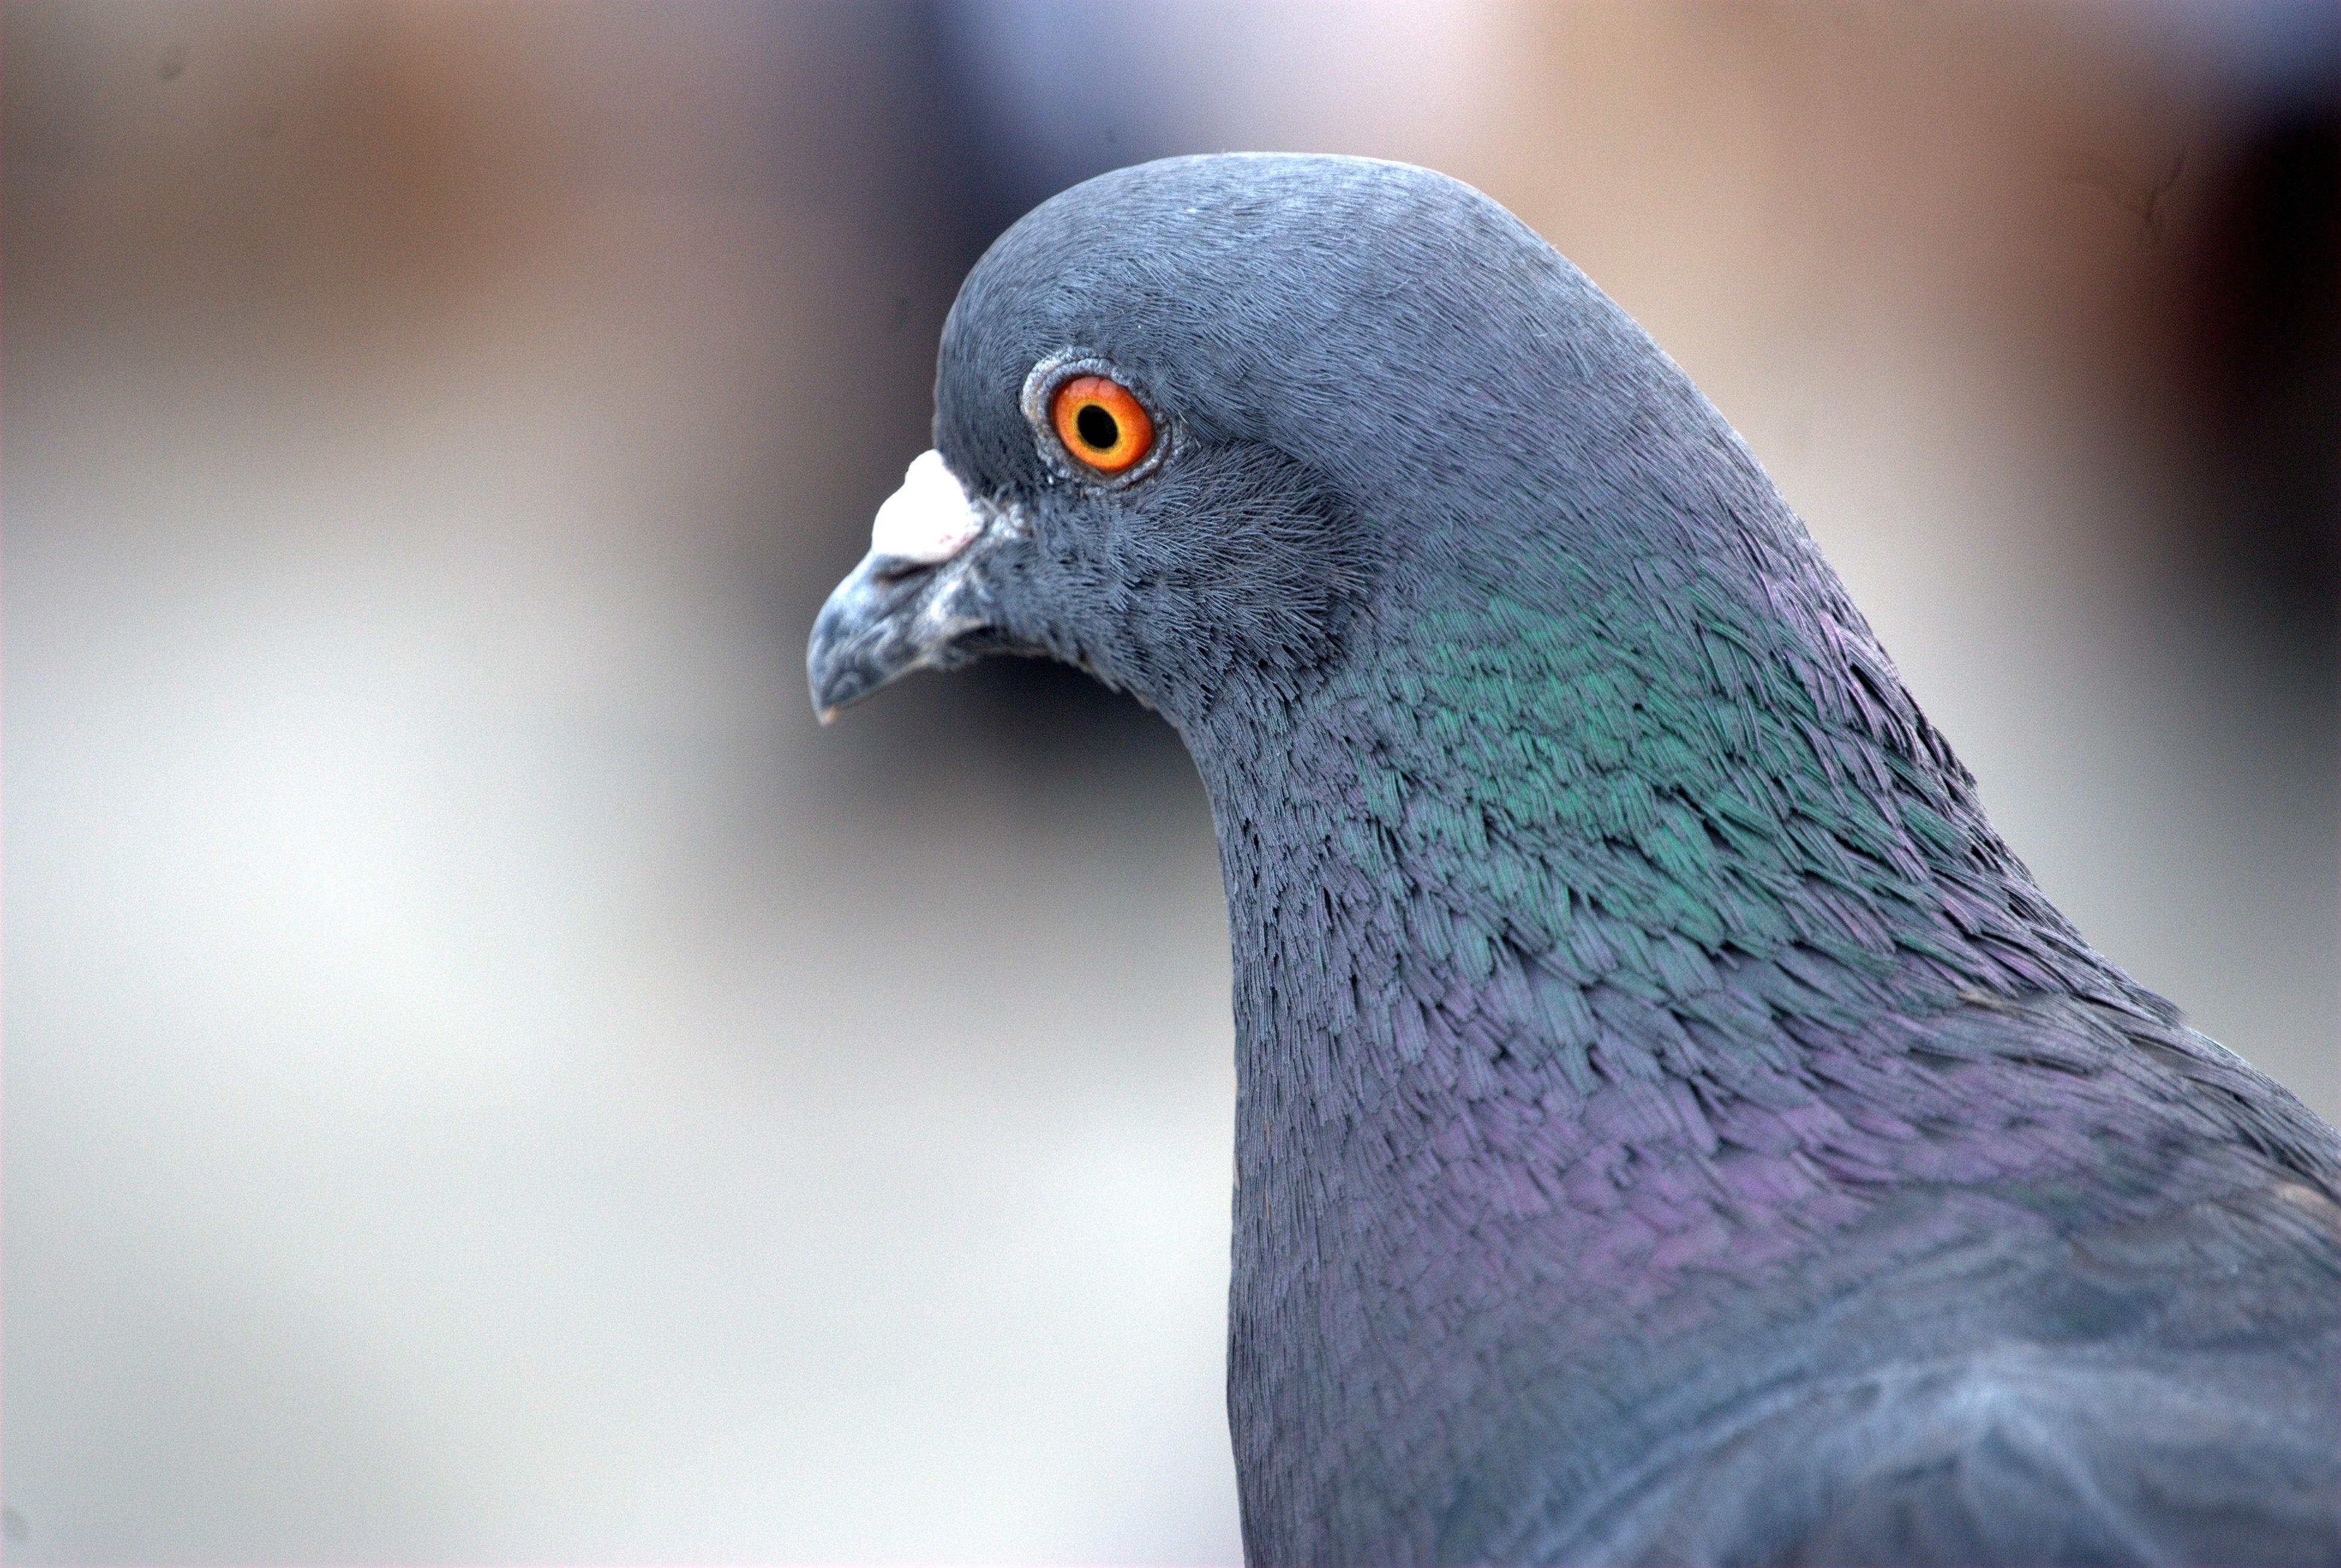 приближением клюв голубя фото самая высокая, доступными